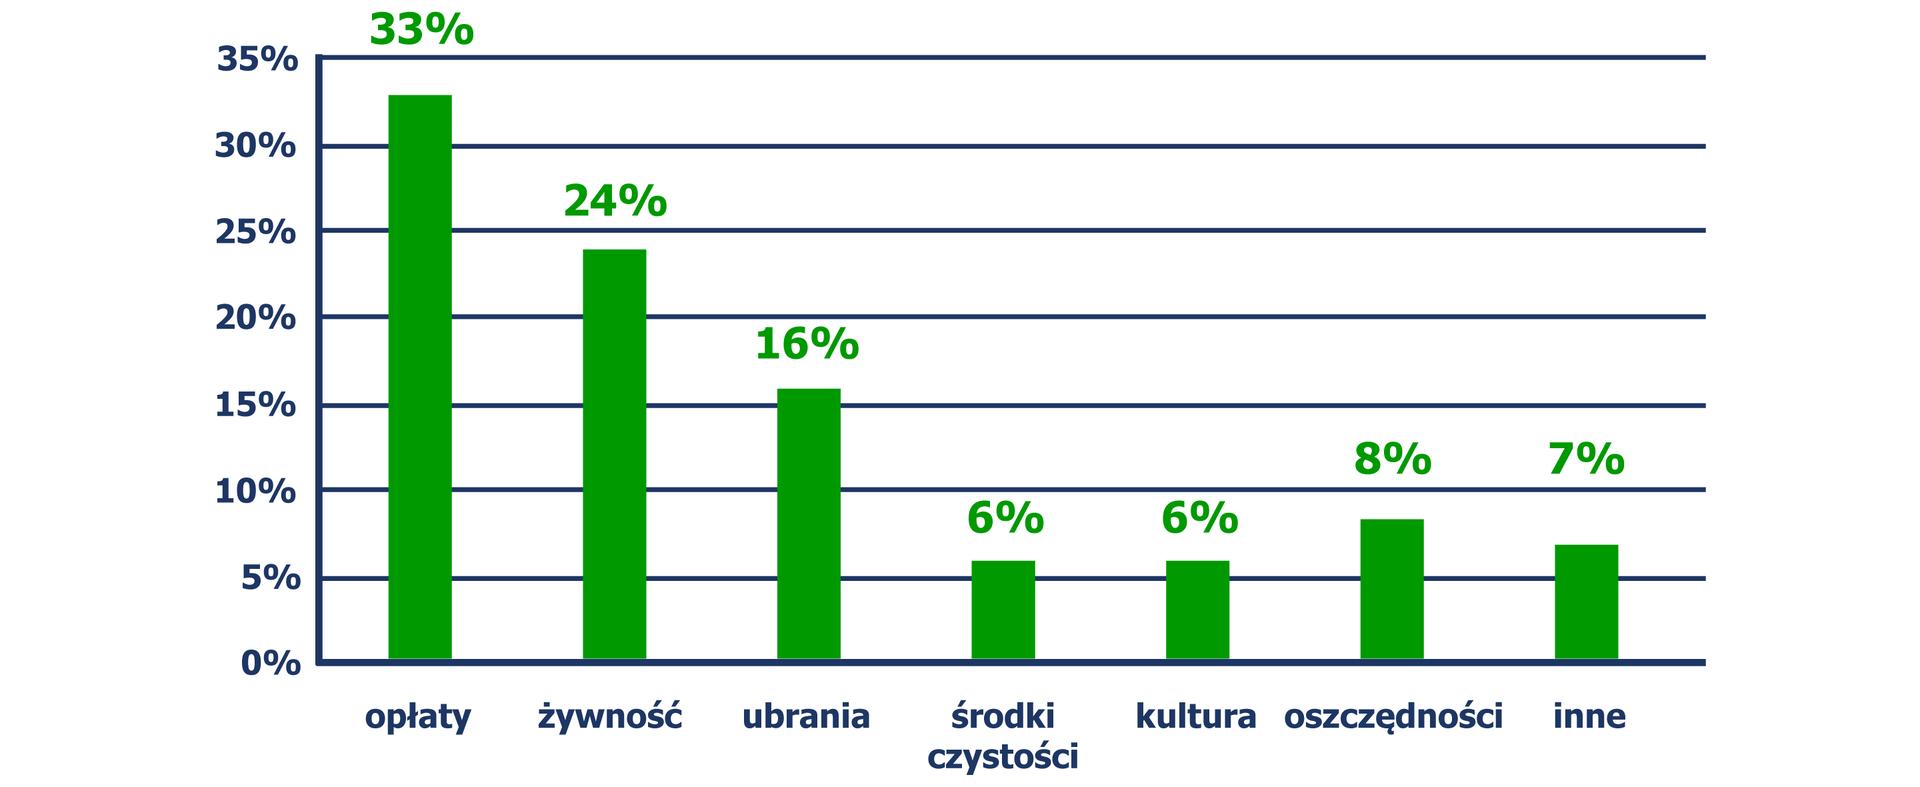 Diagram słupkowy, zktórego odczytujemy wydatki: opłaty - 33%, żywność - 24%, ubrania - 16%, środki czystości - 6%, kultura - 6%, oszczędności – 8%, inne - 7%.